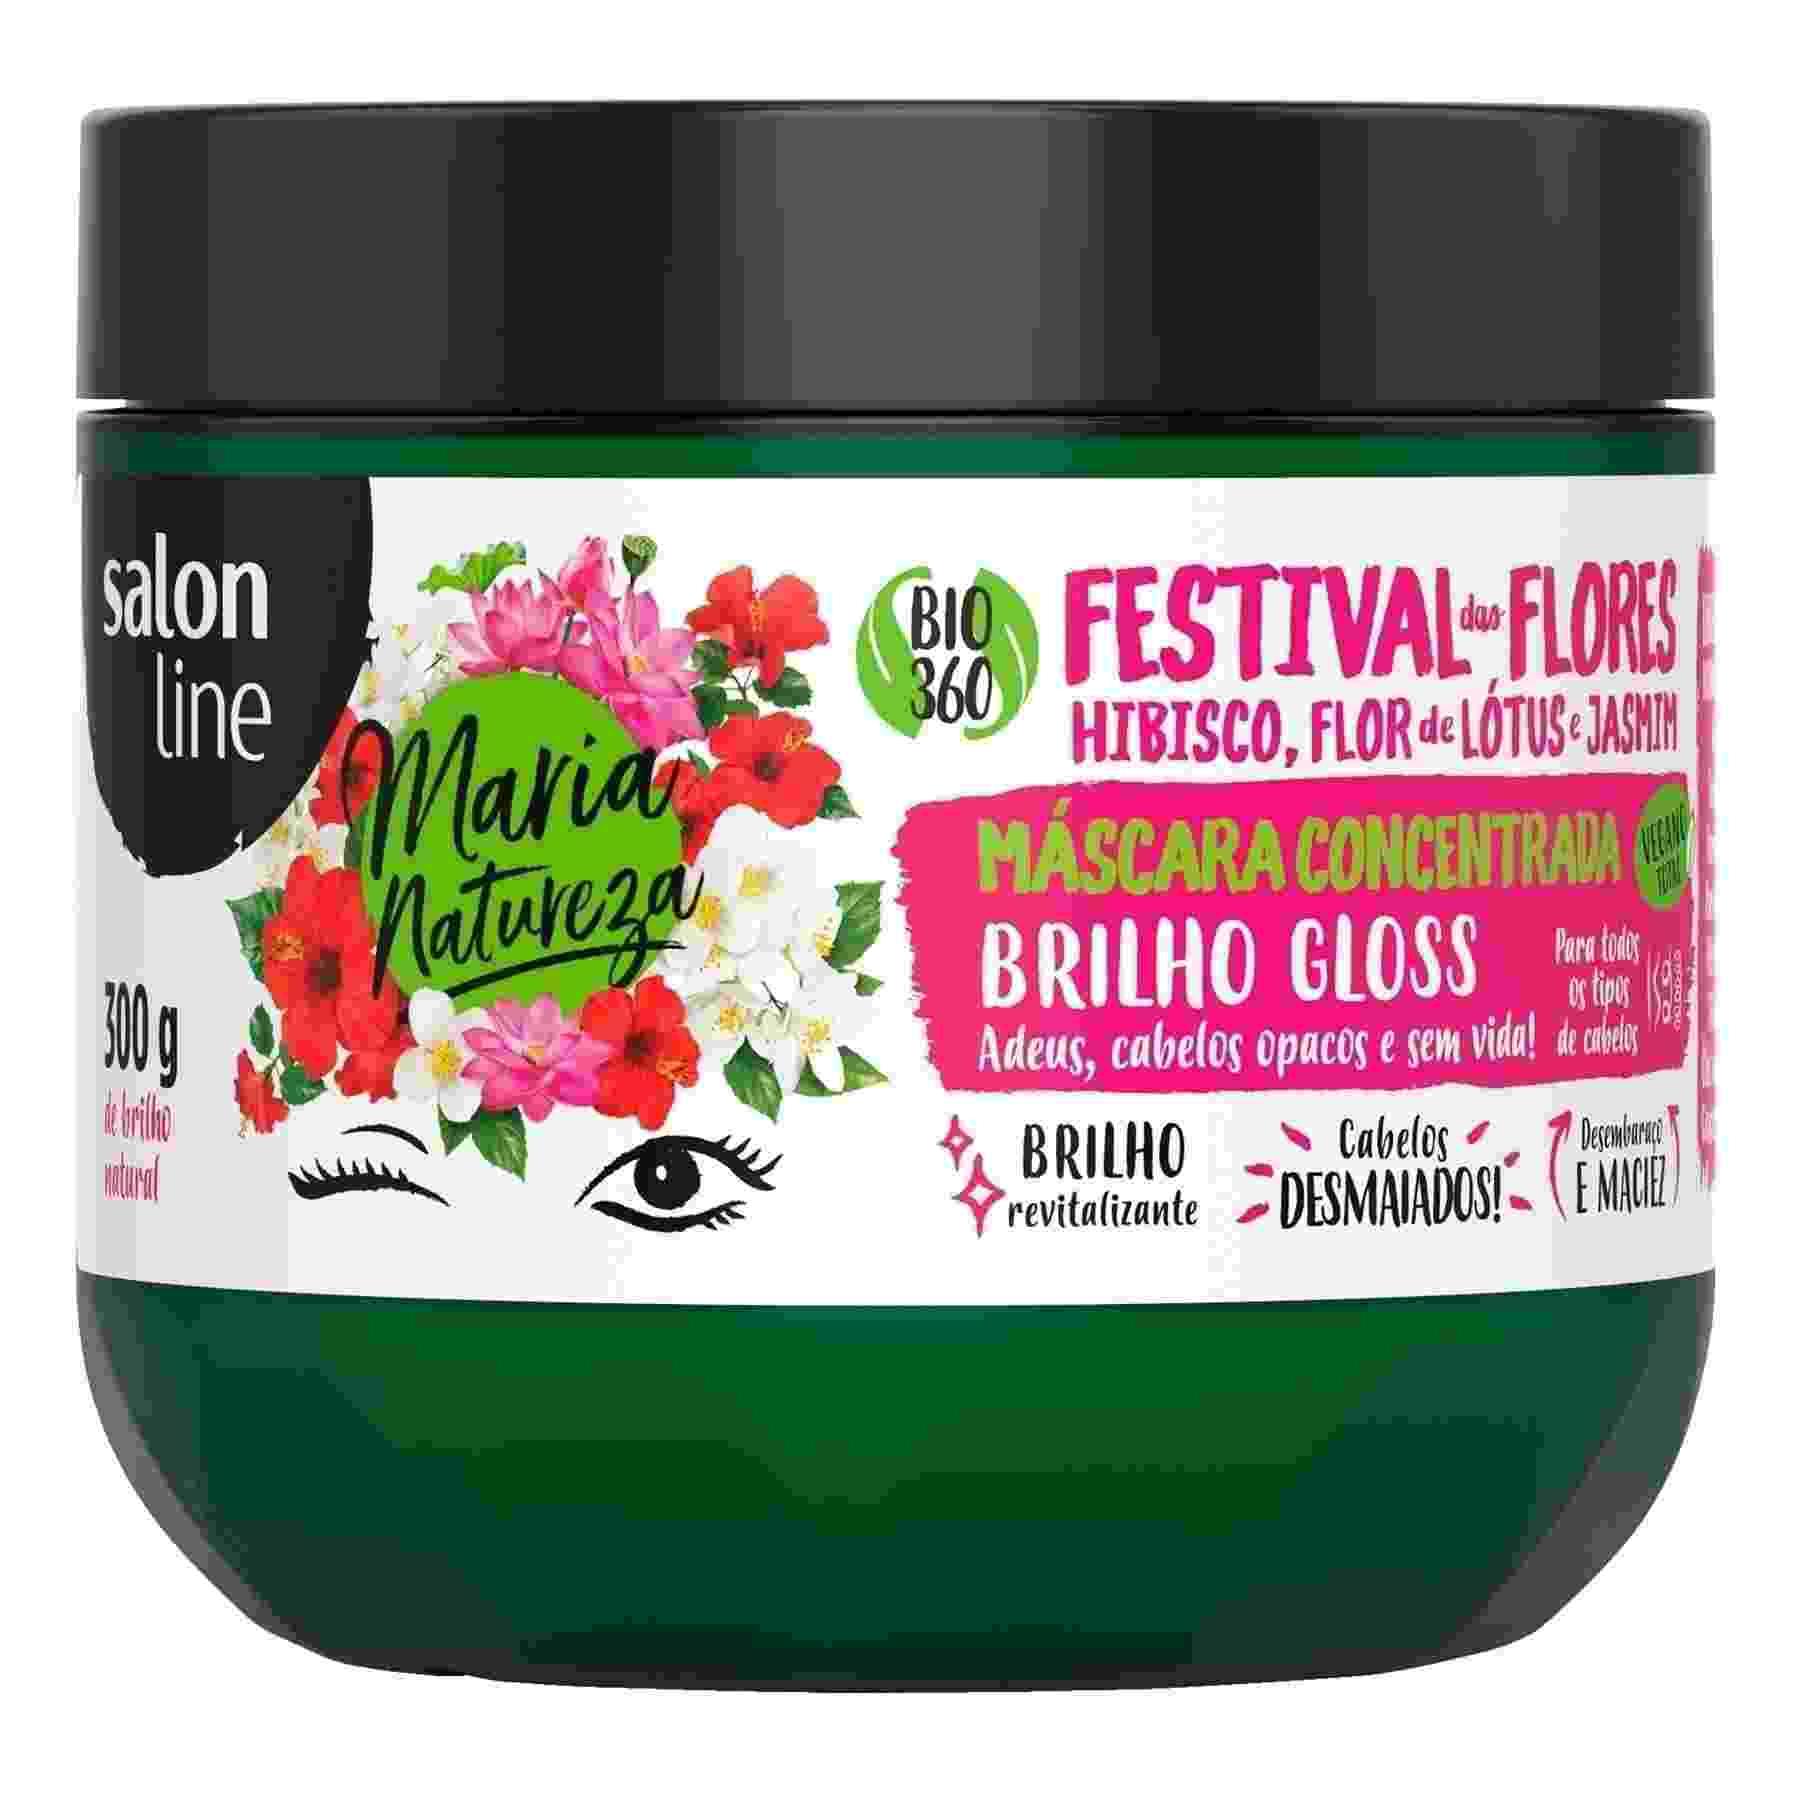 Máscara Concentrada Maria Natureza Festival das Flores, R$ 23, Salon Line, lojadasalonline.com.br - Divulgação